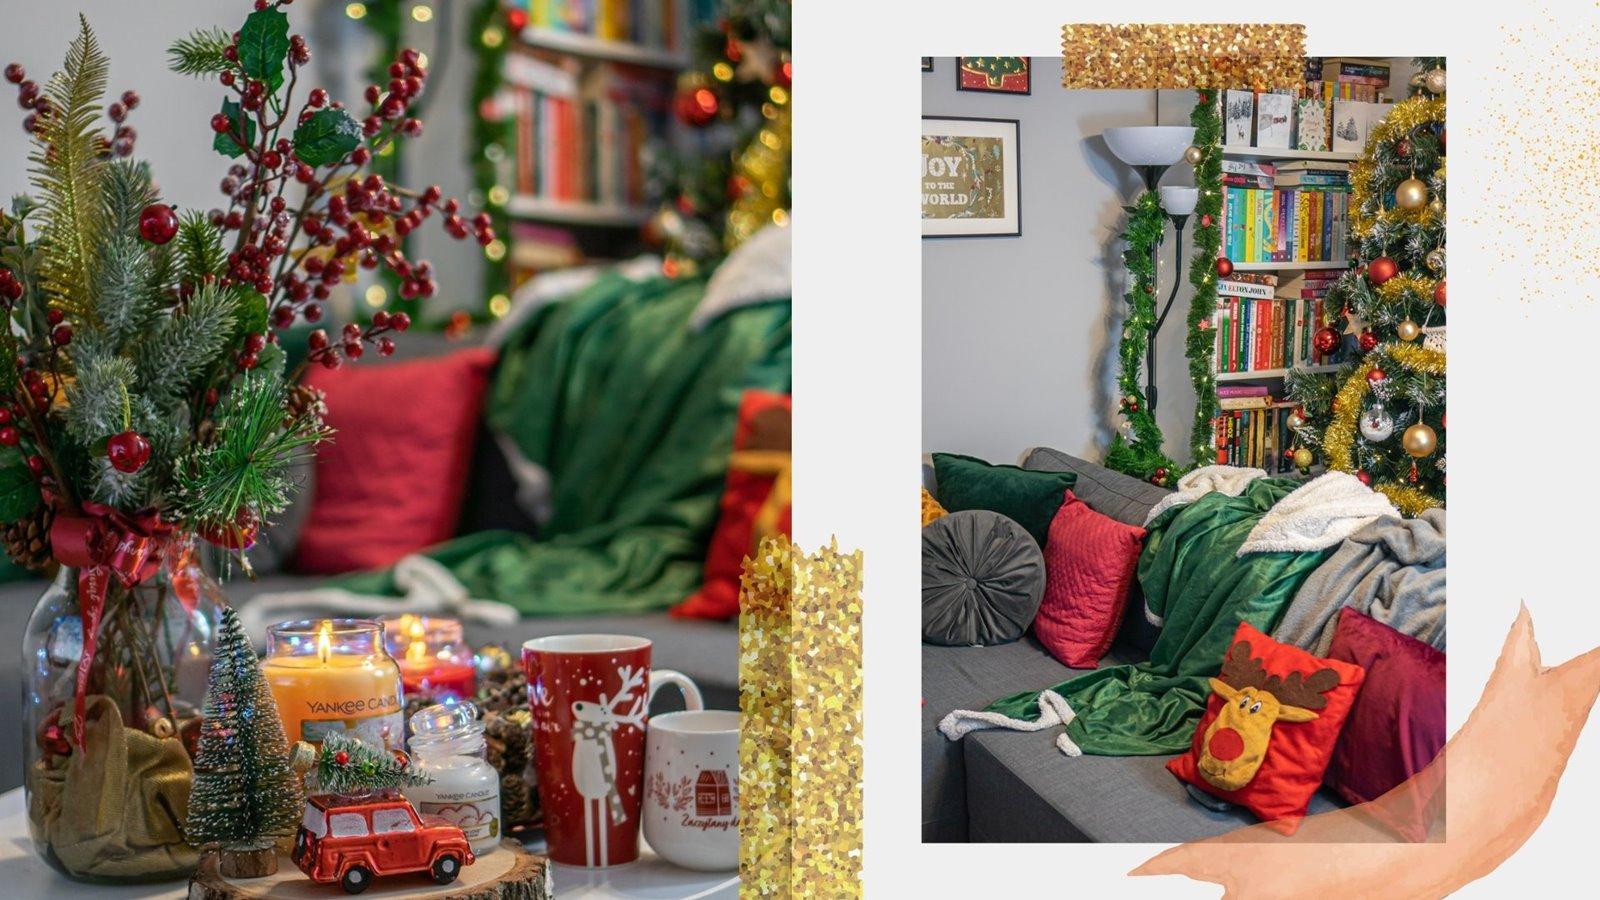 5 świąteczny koc, poduszki, zasłony dodatki na boże narodzenie christmas livingroom decorations ideas inspiration inspiracje dekorowanie urzadzanie wnetrz